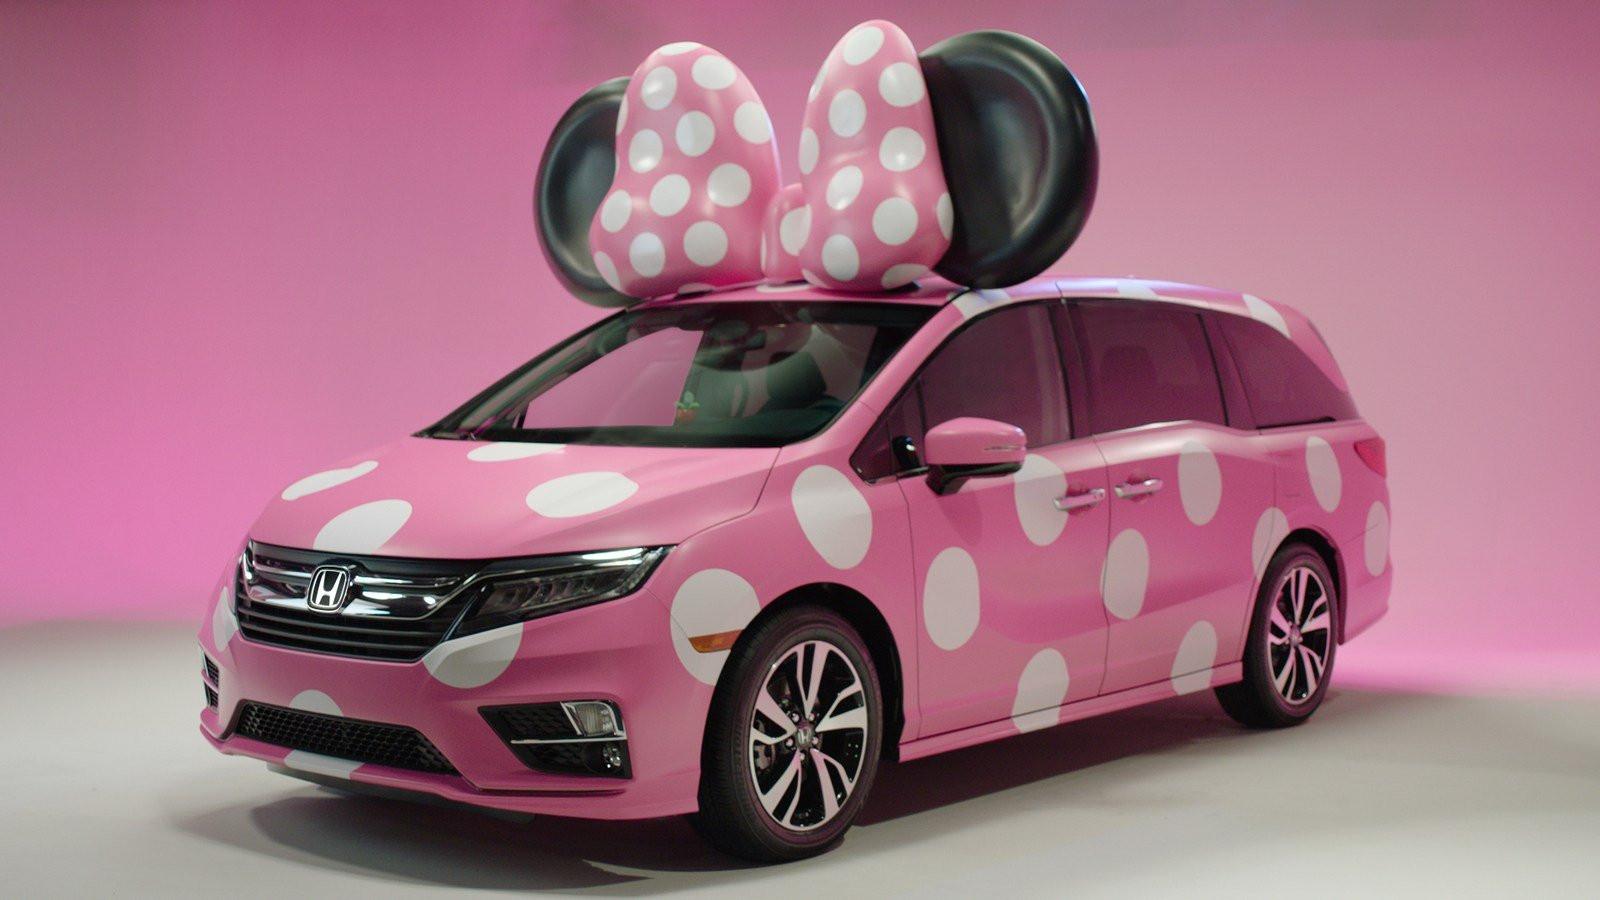 Хонда иDisney создали минивэн Odyssey для Минни Маус